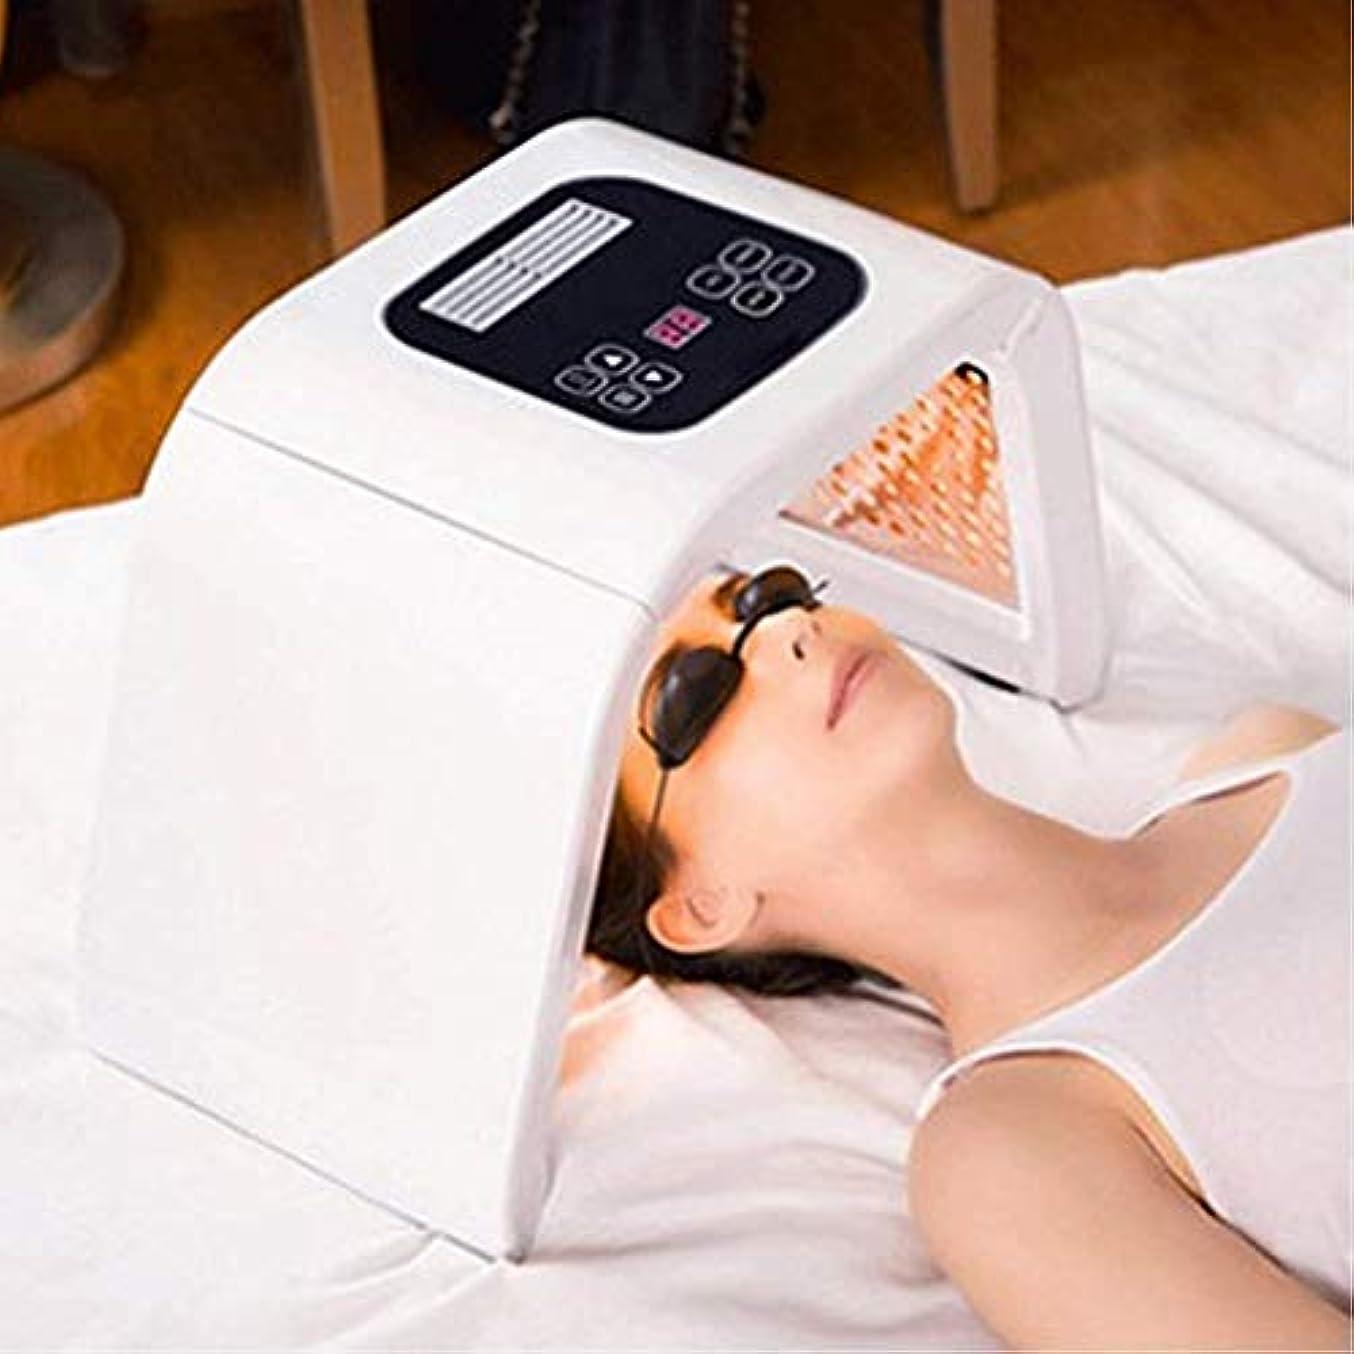 有限光ダイジェスト若返りLED機器、7色の光美容機を皮膚、PDTマスクセラピーしわ除去アンチエイジングホームサロン使用スキンケアツールの肌の若返りフェイシャルケア美容機を、